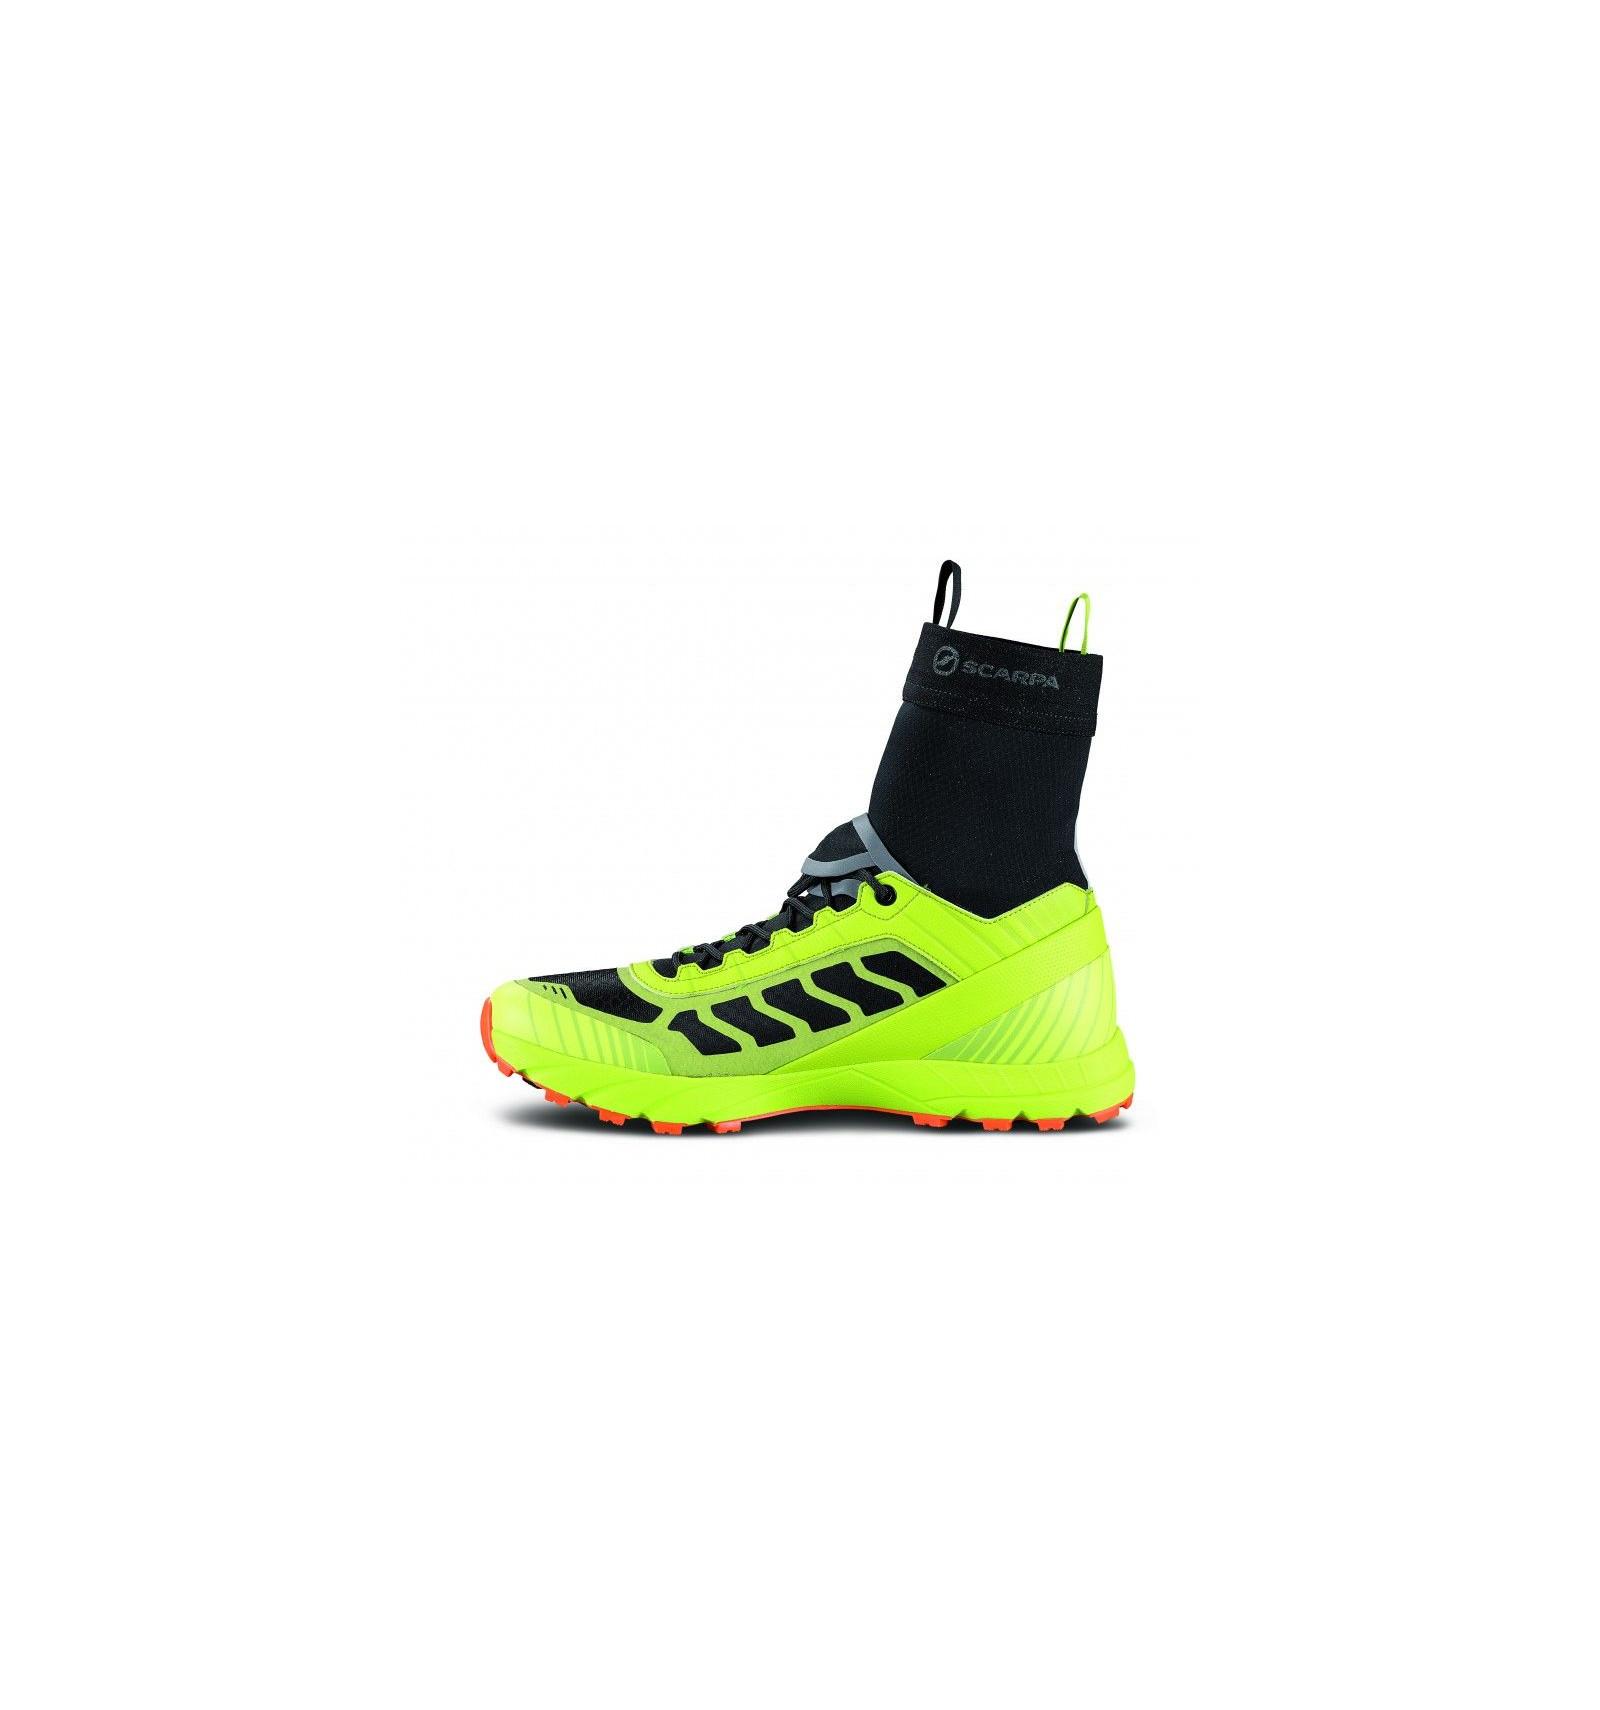 Trail shoes Scarpa Atom s evo od